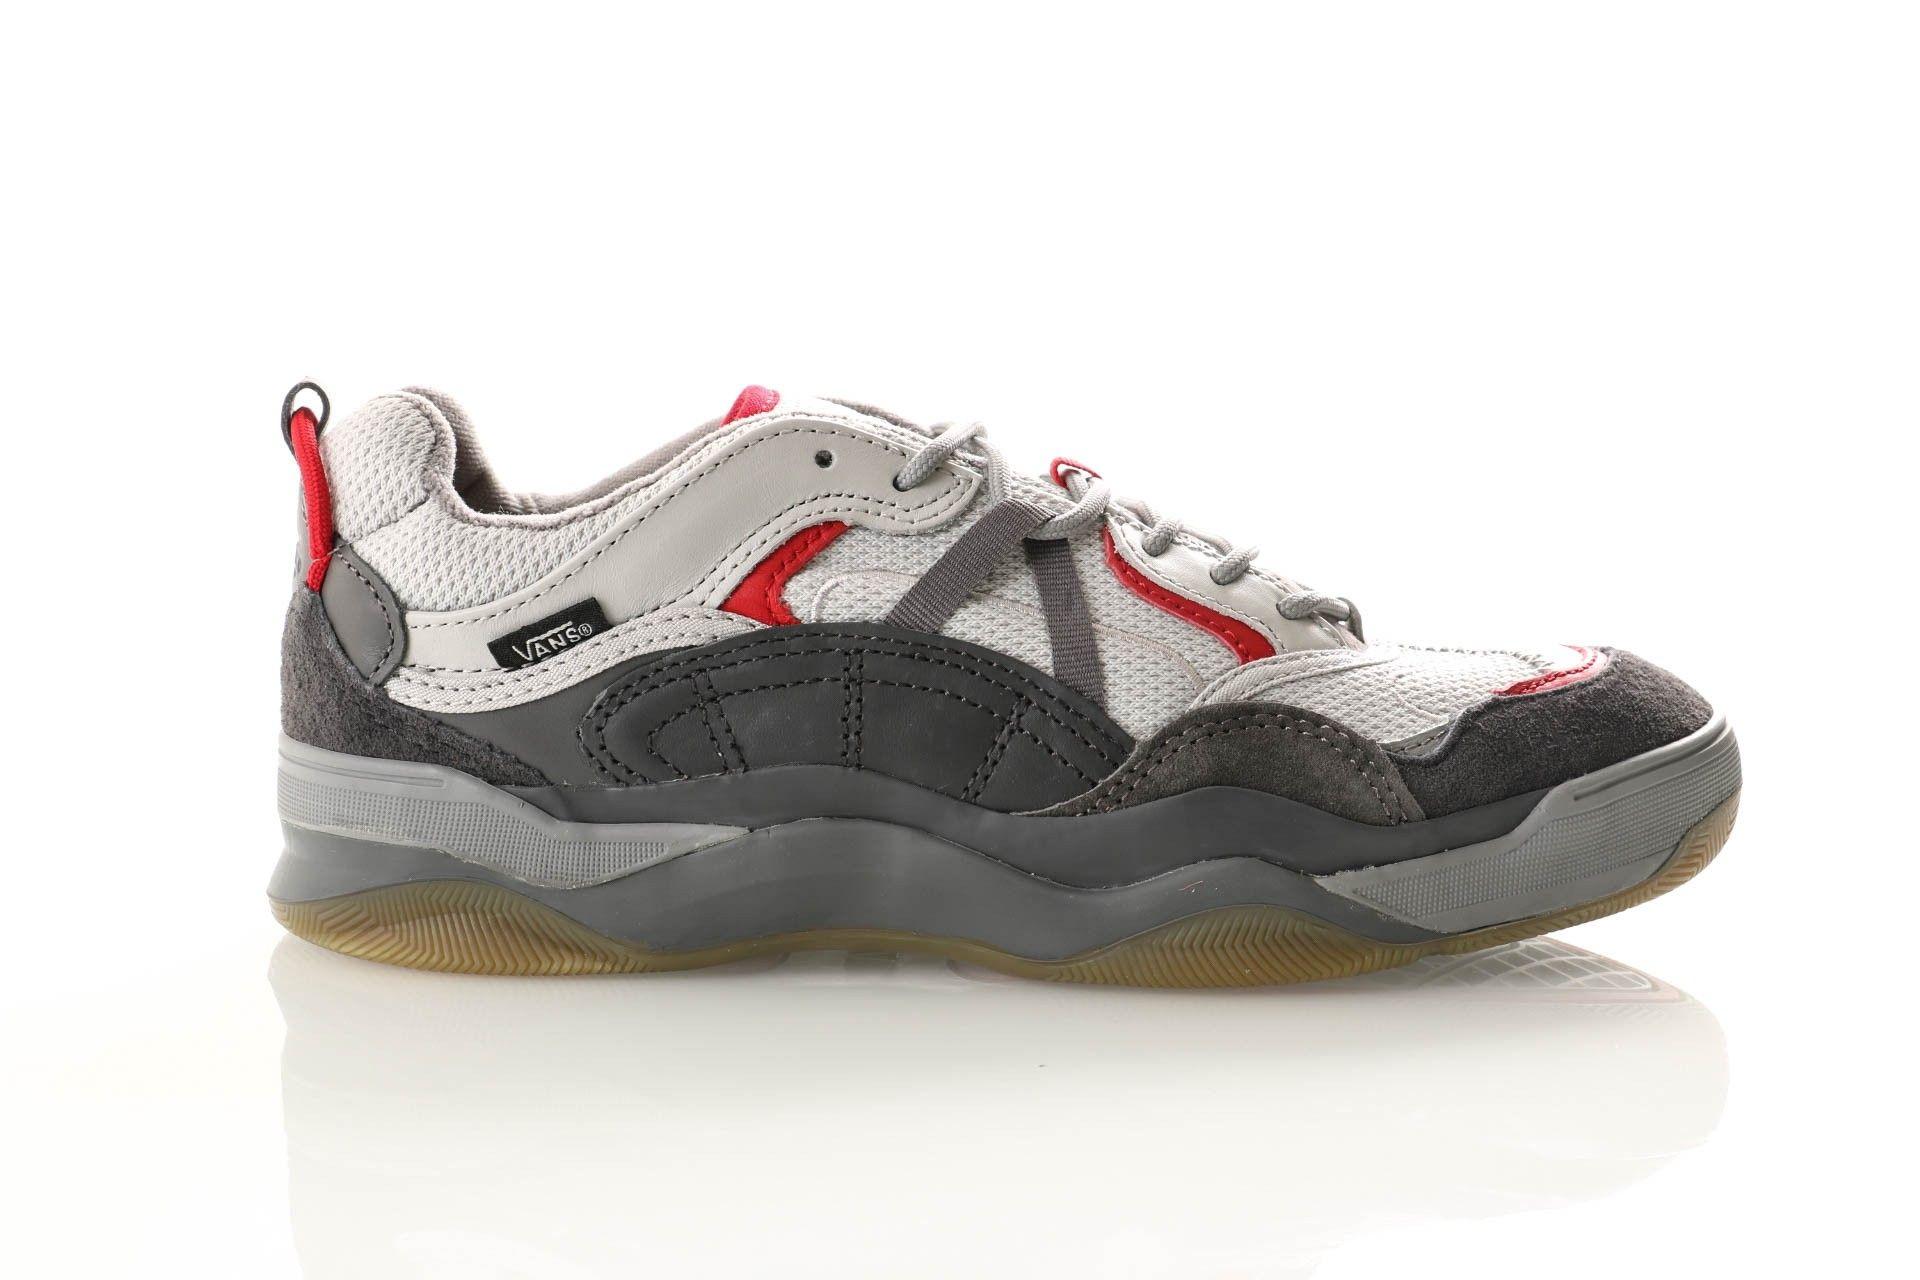 Afbeelding van Vans Ua Varix Wc Vn0A3Wlnxnl1 Sneakers (Y2K) Drizzle/Frost Gray/Asphalt